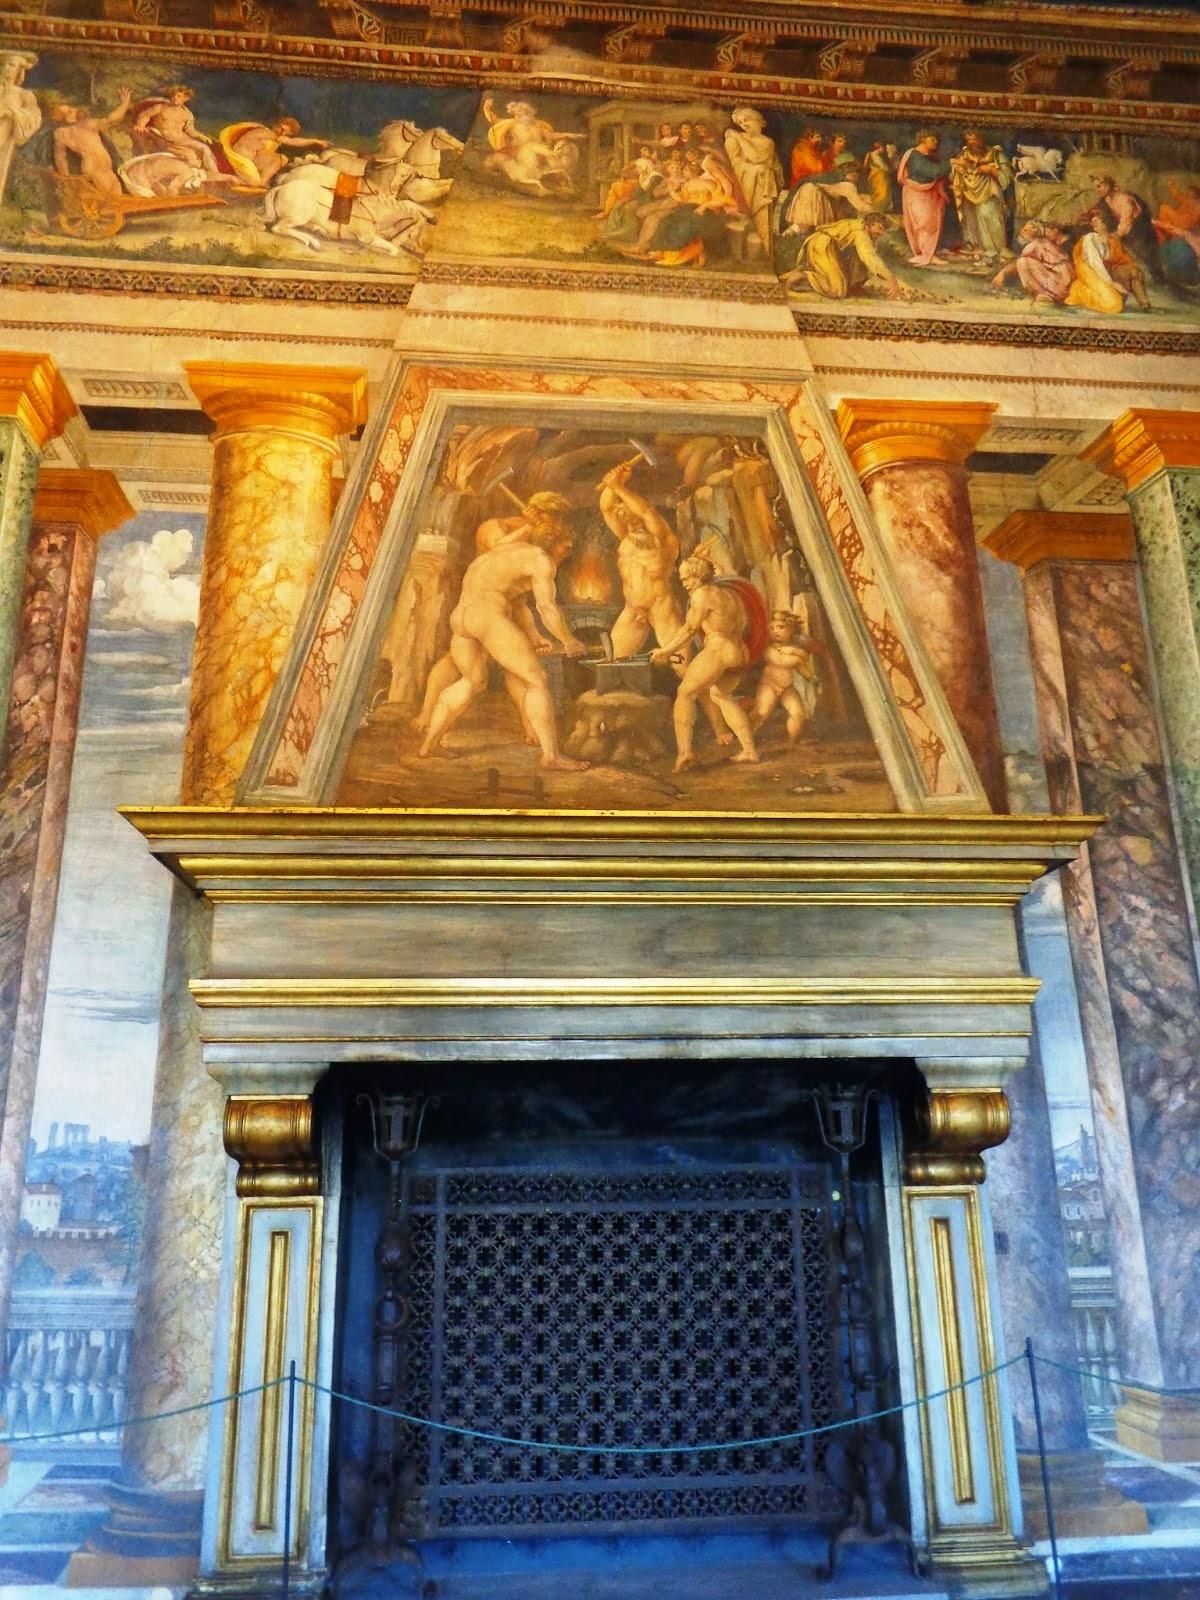 """Sobre a lareira, a pintura do """"ferreiro divino"""", o deus pagão Hefestos (Vulcano)."""